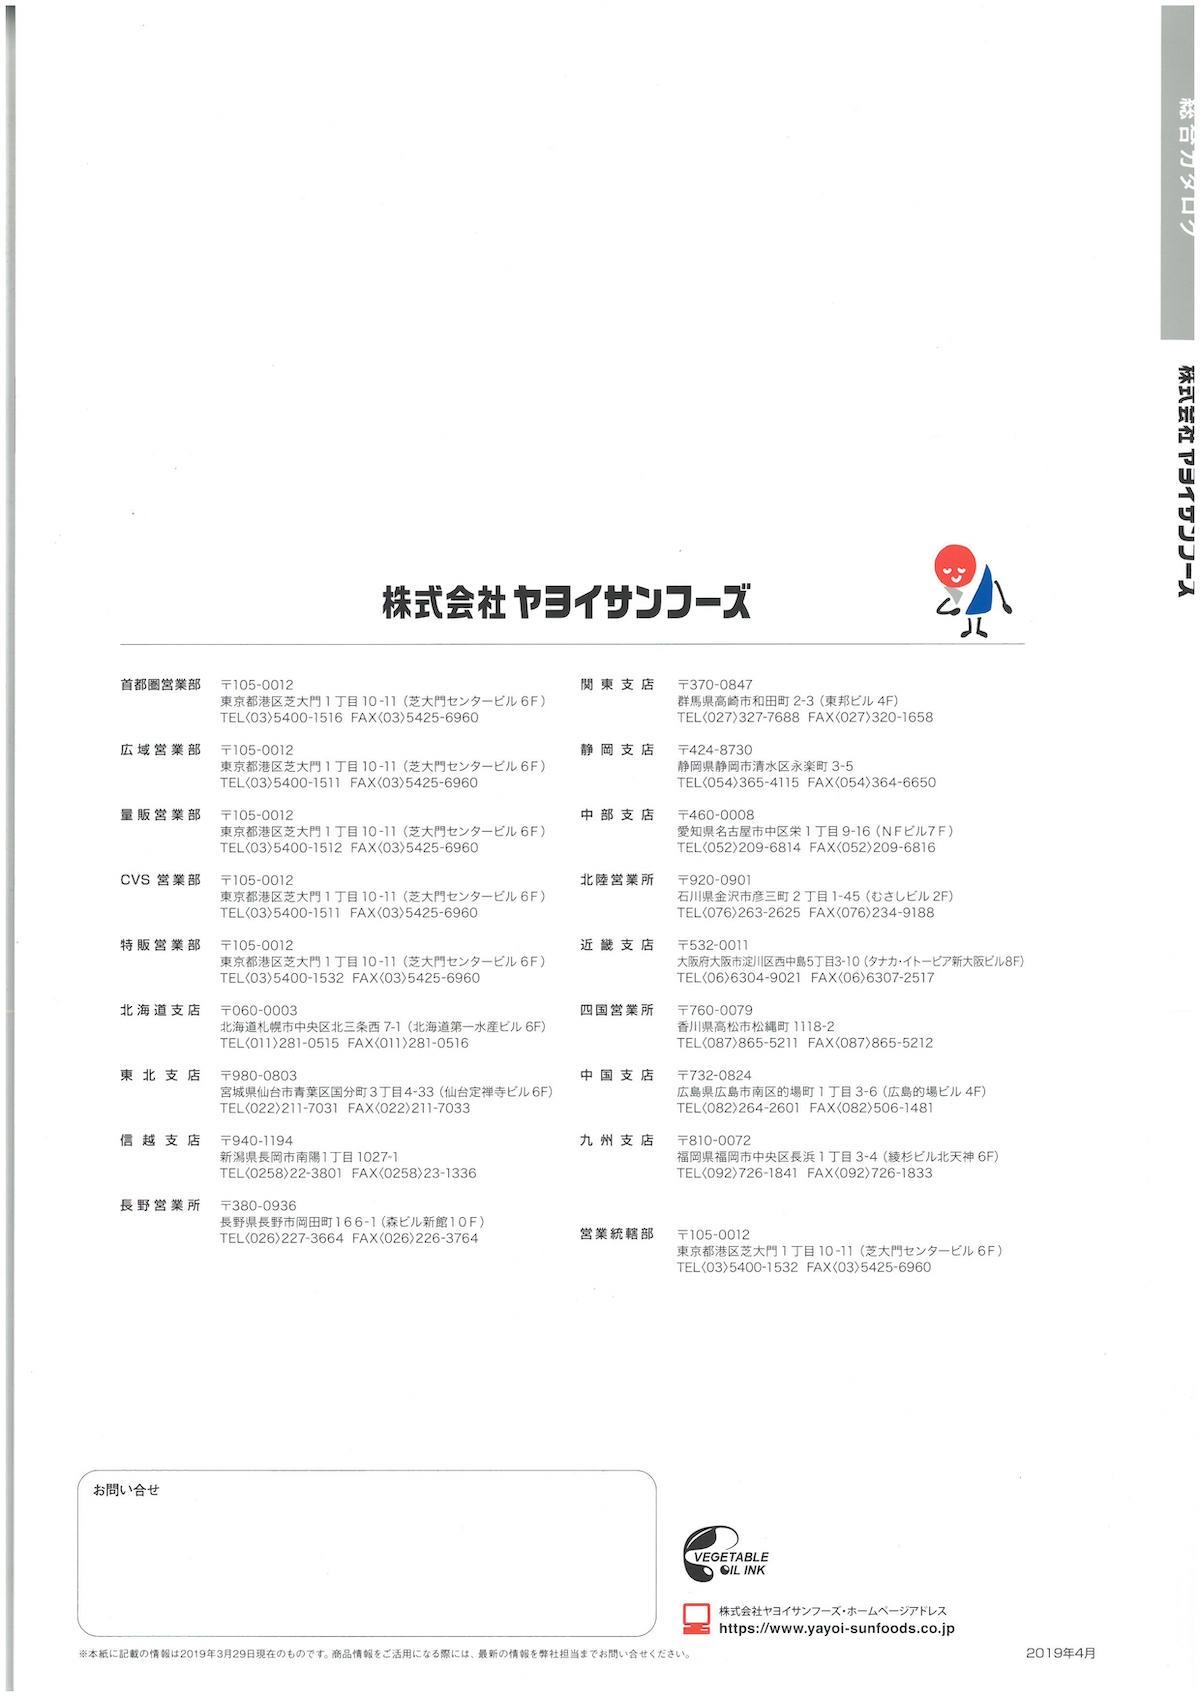 ヤヨイサンフーズ 総合カタログ2019